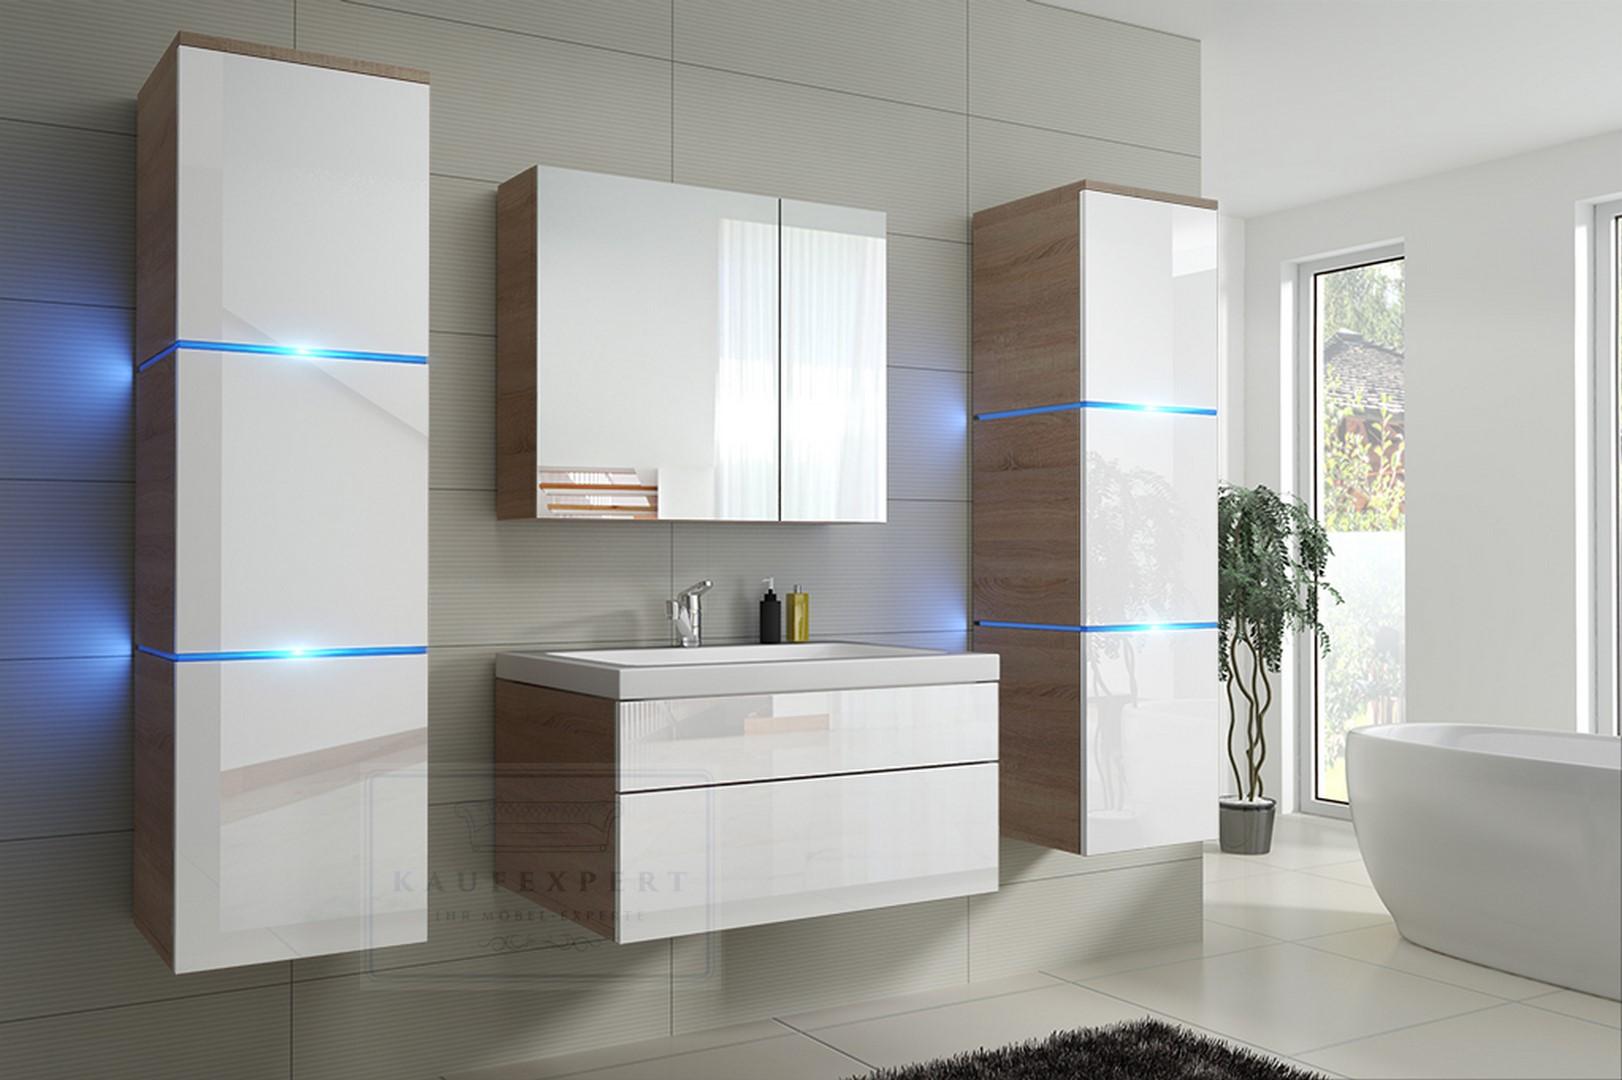 Badmöbel-Set Lux NEW Weiß Hochglanz/Sonoma Eiche KERAMIK Waschbecken  Badezimmer Led Beleuchtung Badezimmermöbel Keramikbecken Holzoptik